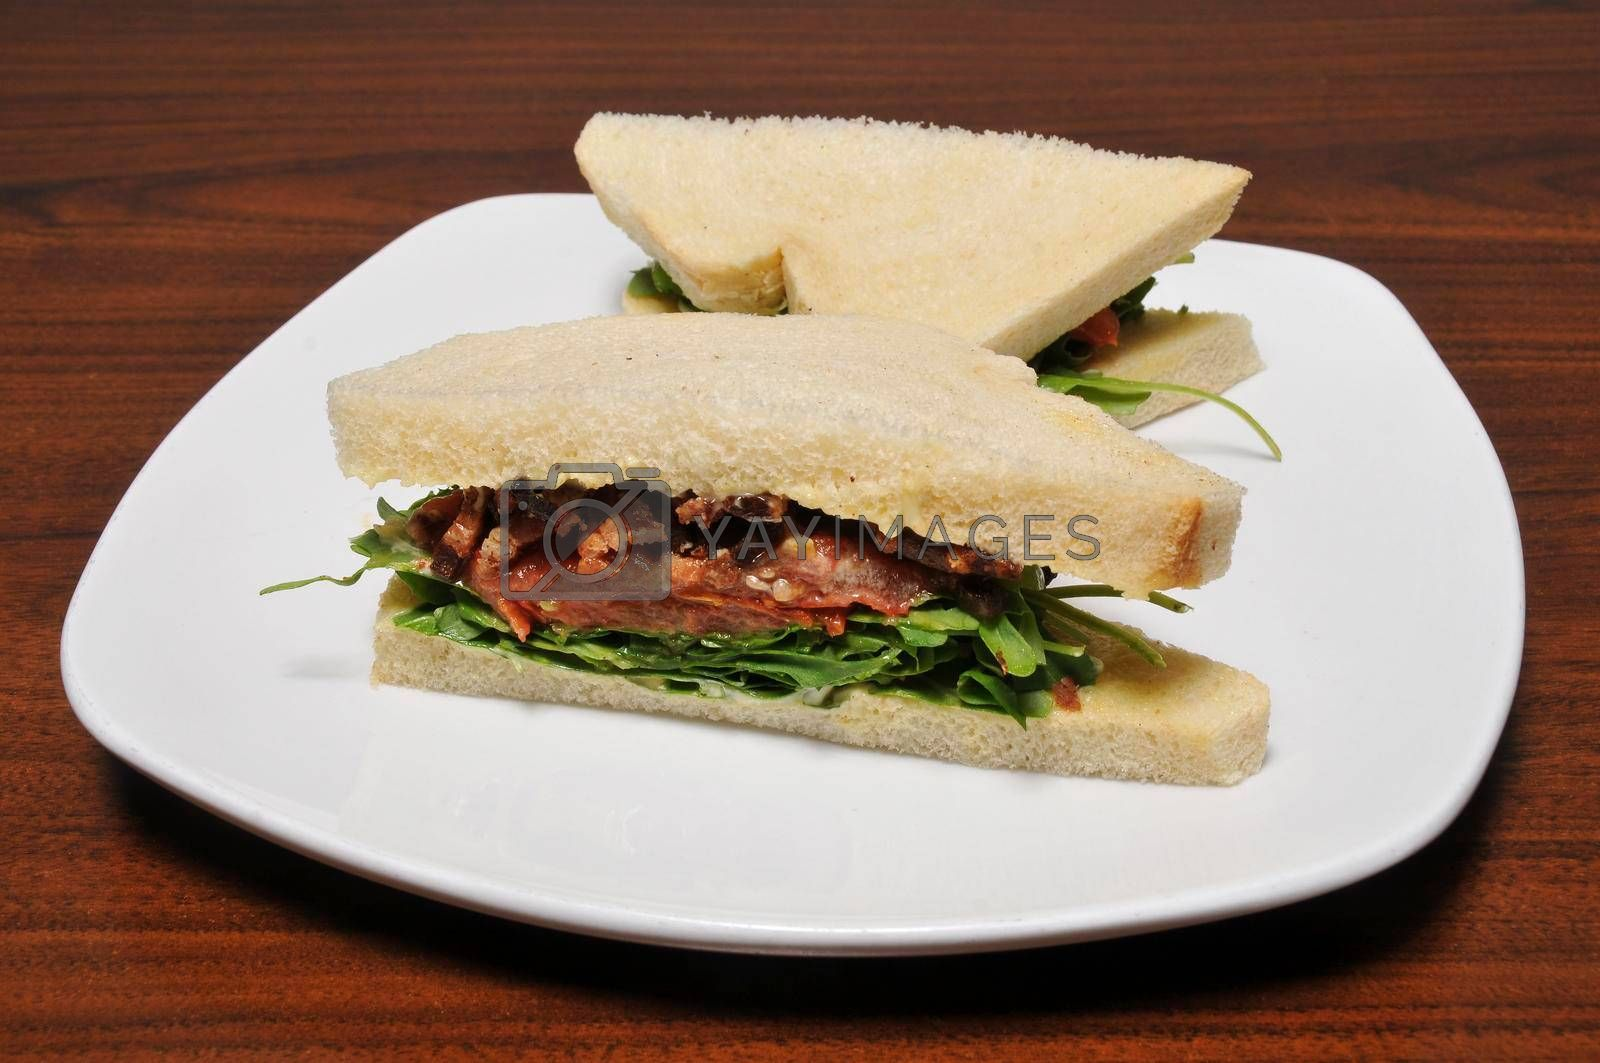 Italian finger sandwich known as Tramezzini Pancetta